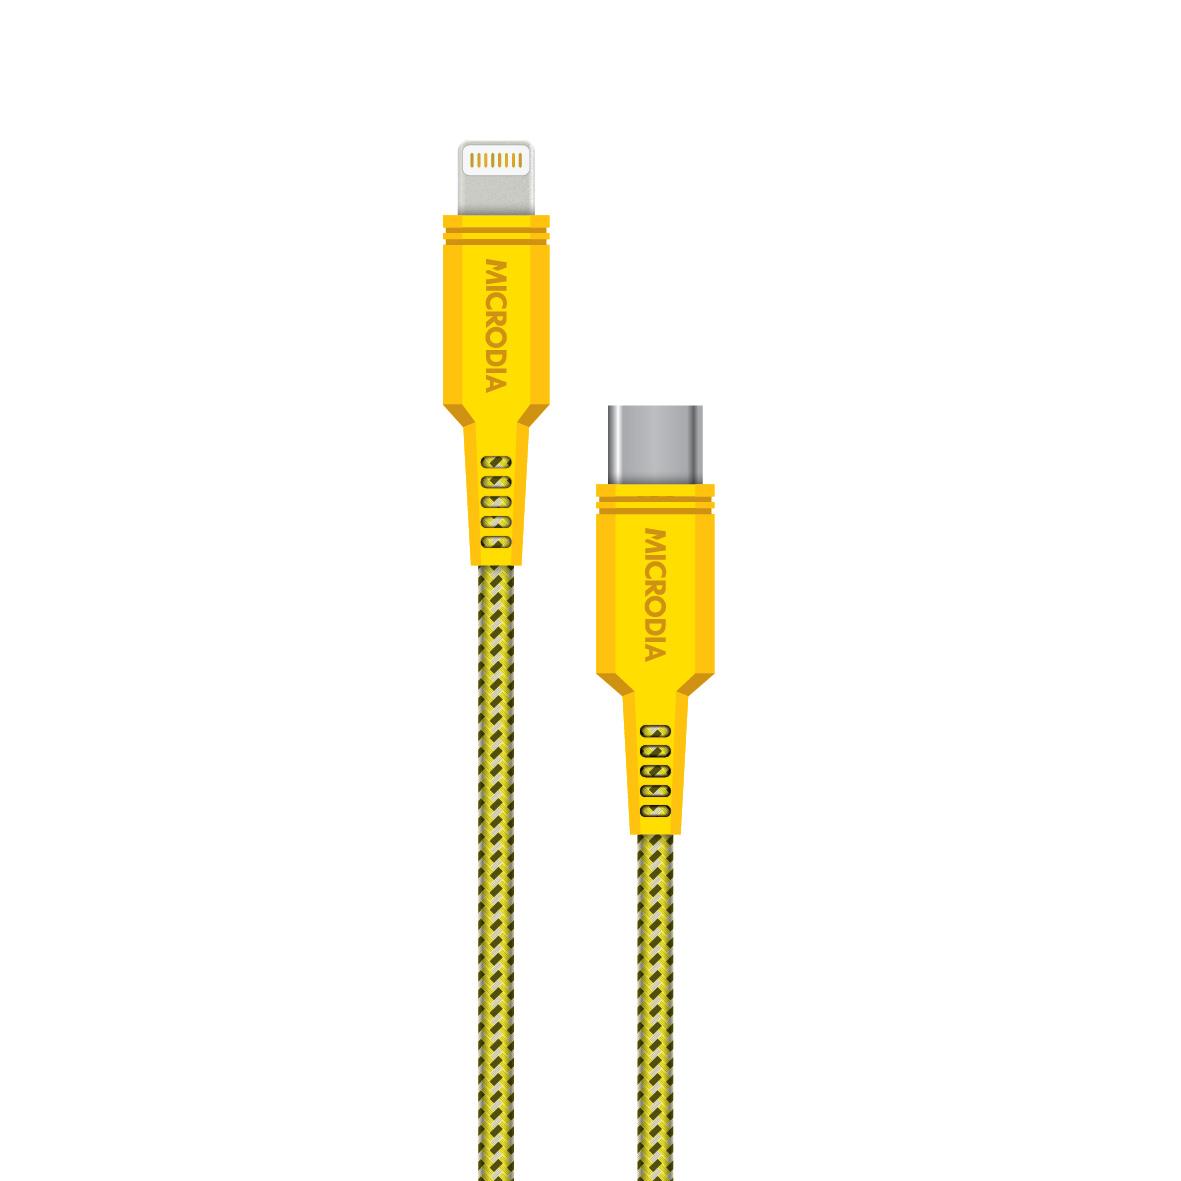 DurCable-Hi-Re_TOUGH-C-Yellow